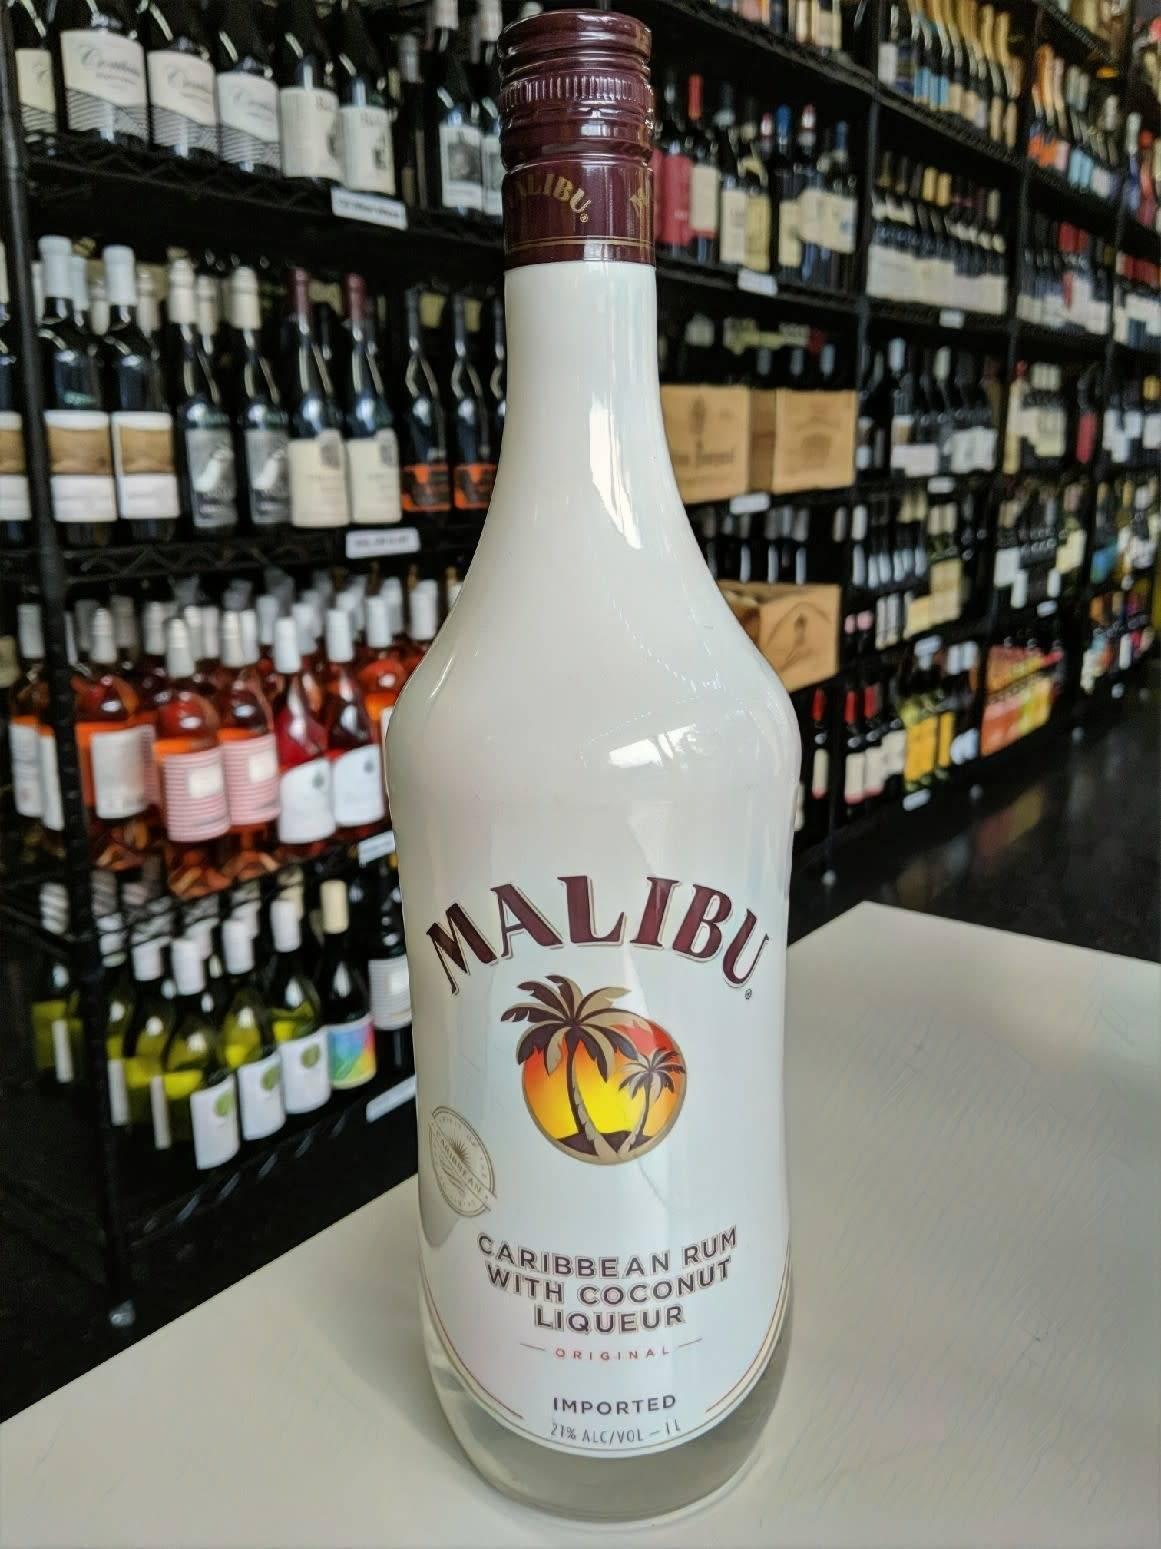 Ликер малибу: с чем пить, как сделать кокосовый напиток